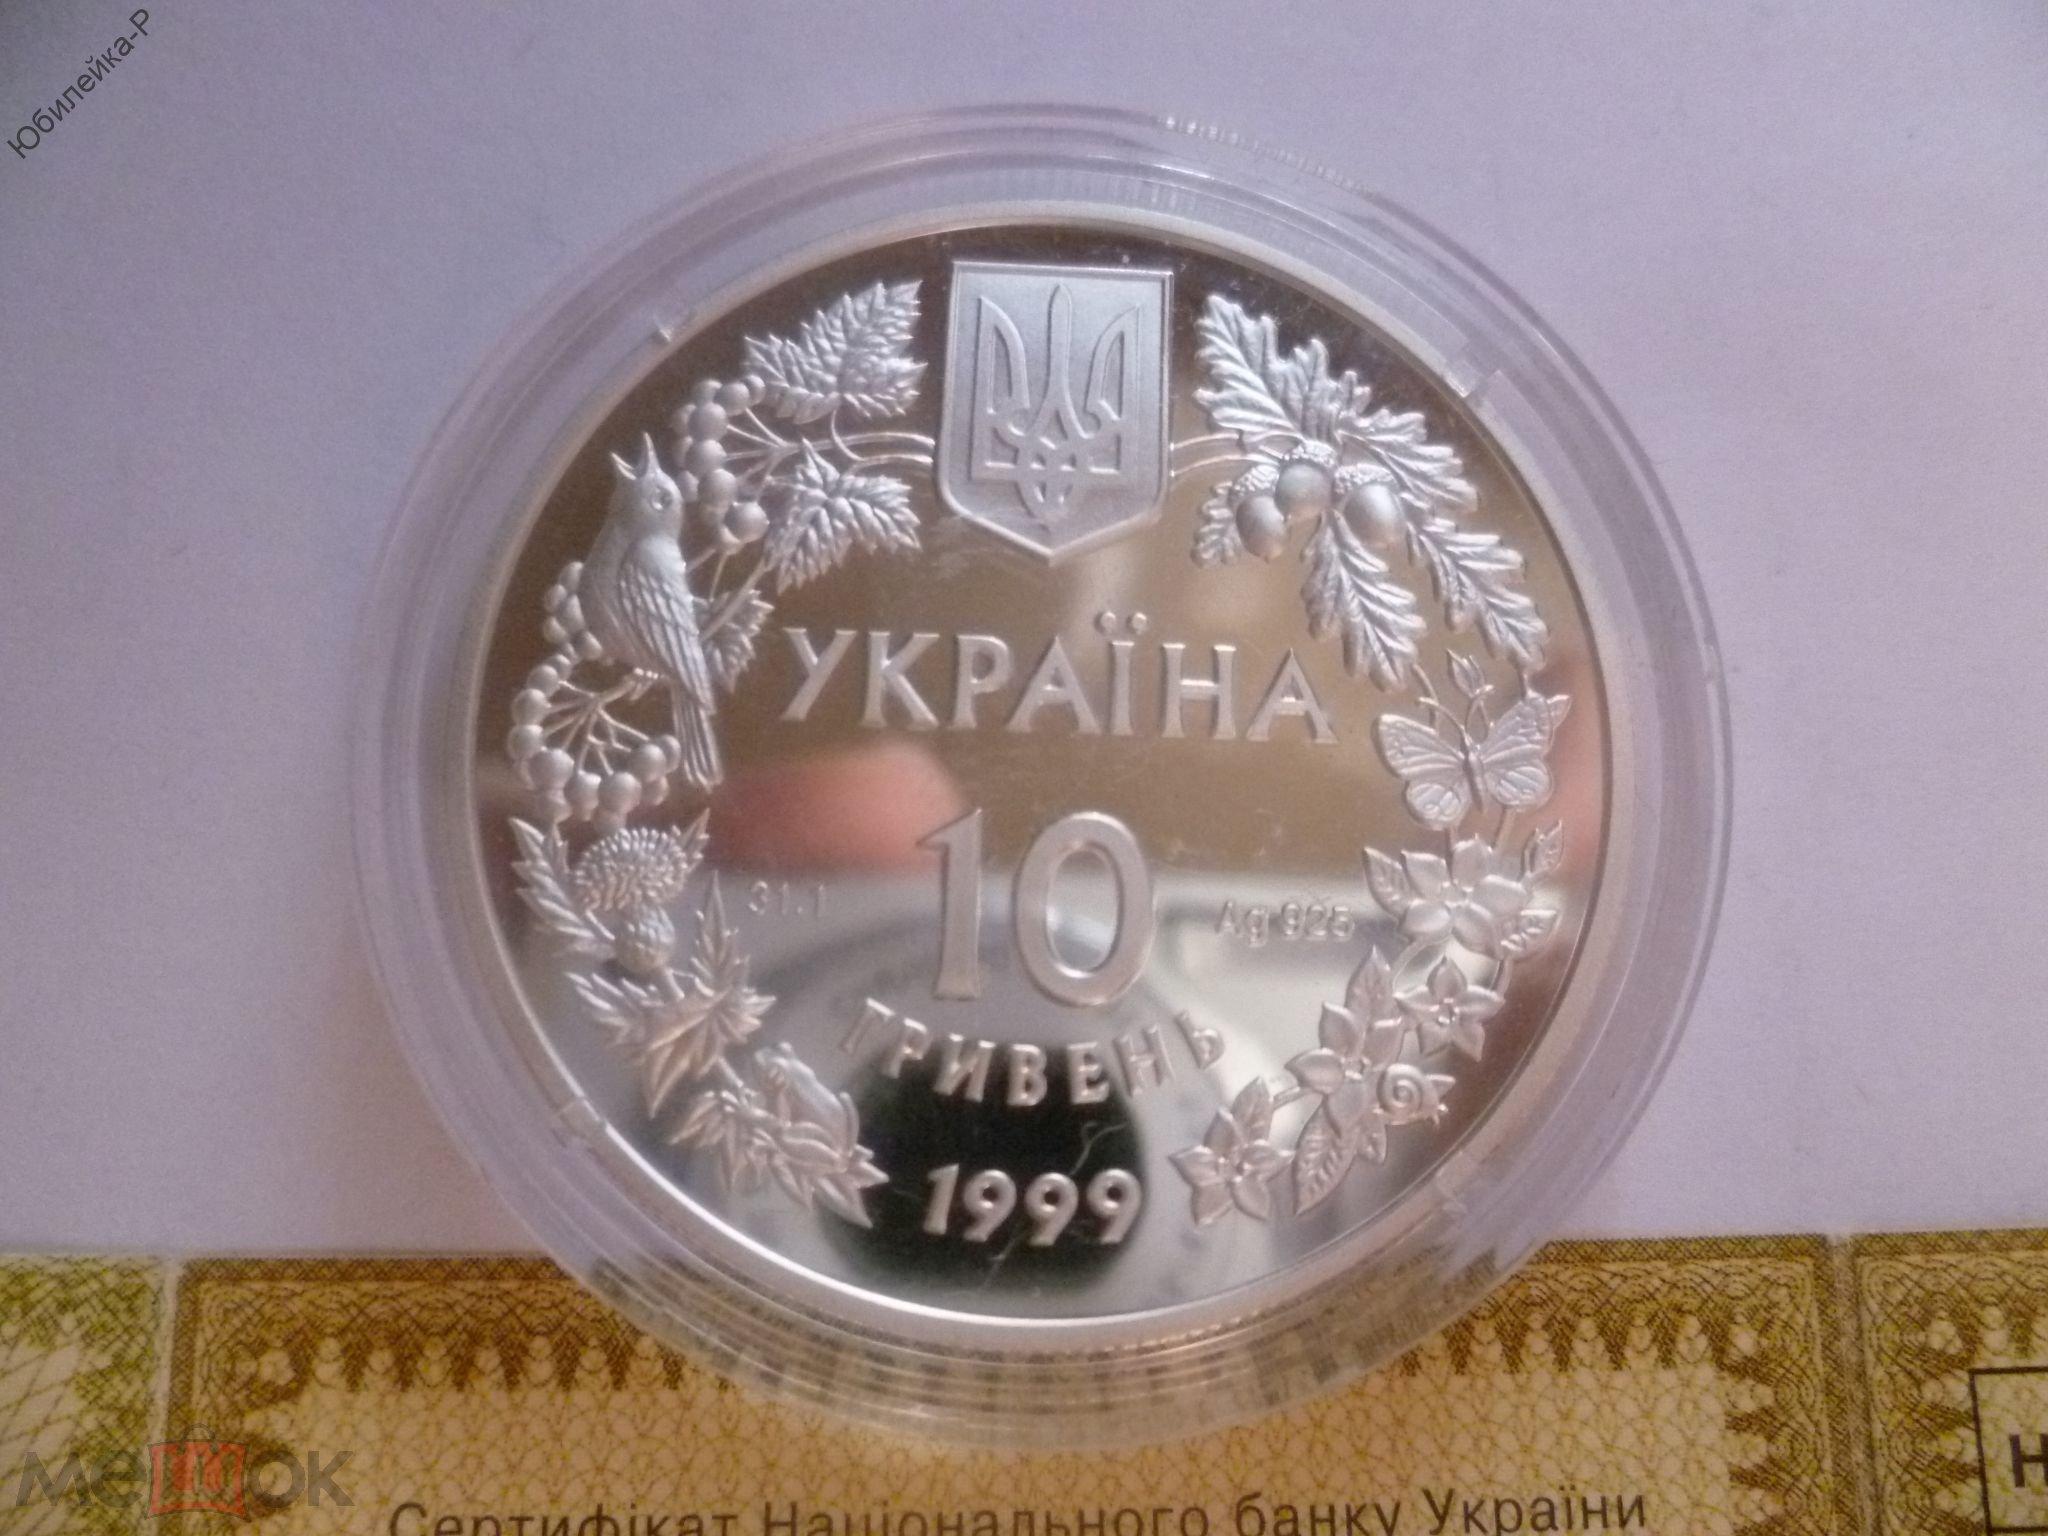 10 гривень 1999 степной орел украина монеты 1723 года цена фото